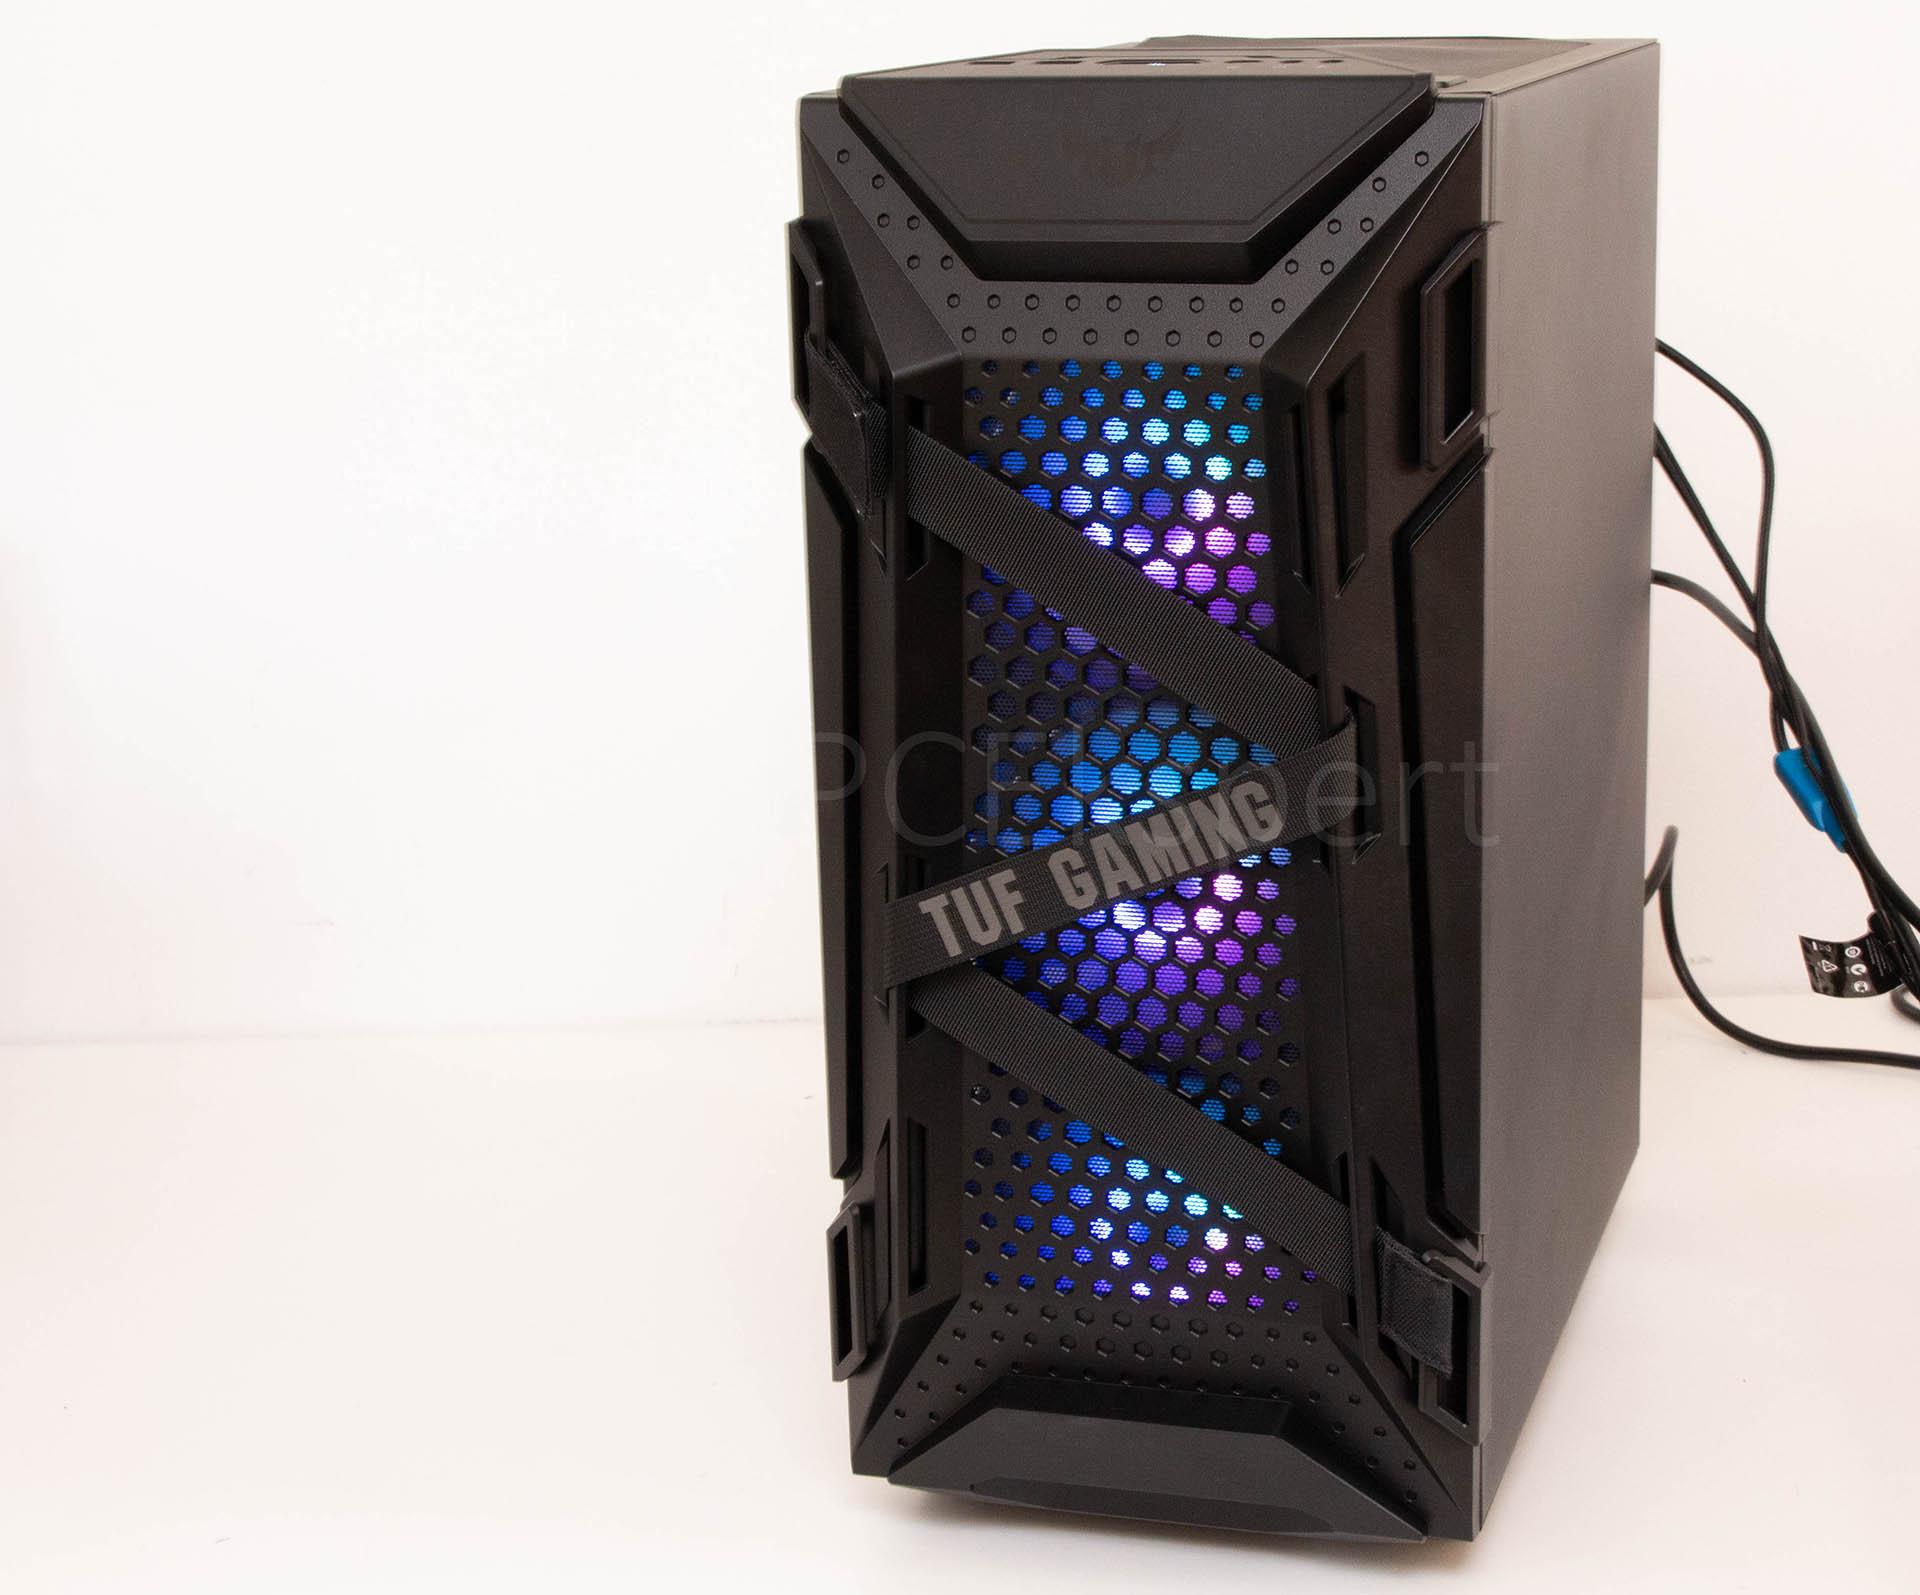 Brzi test - Futura IT Gamer GT301